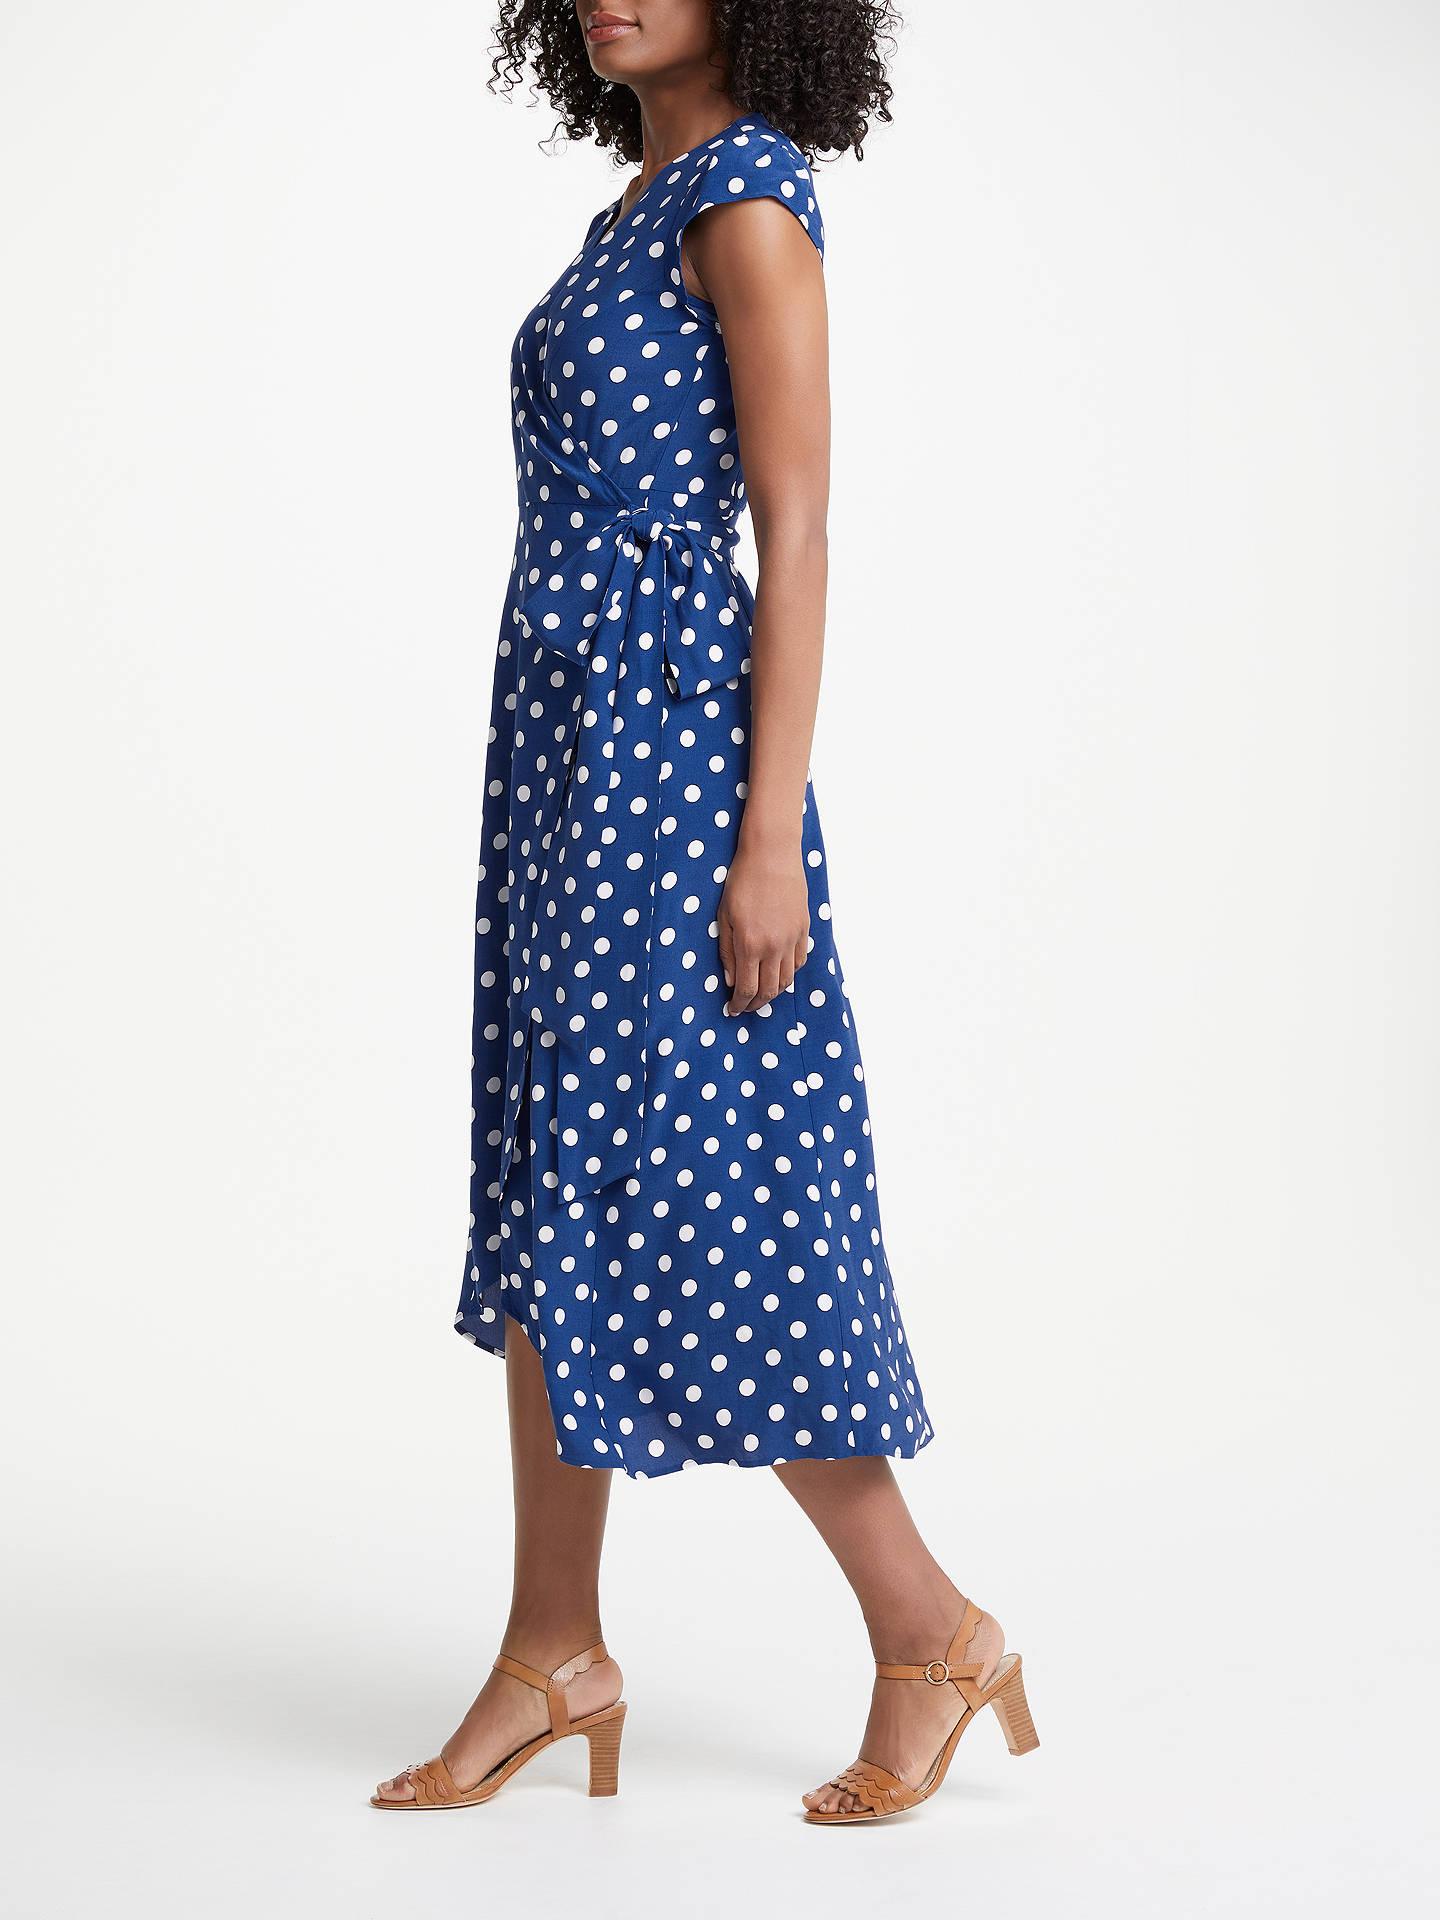 Boden Antina Wrap Riviera Polka Dot Dress Blue At John